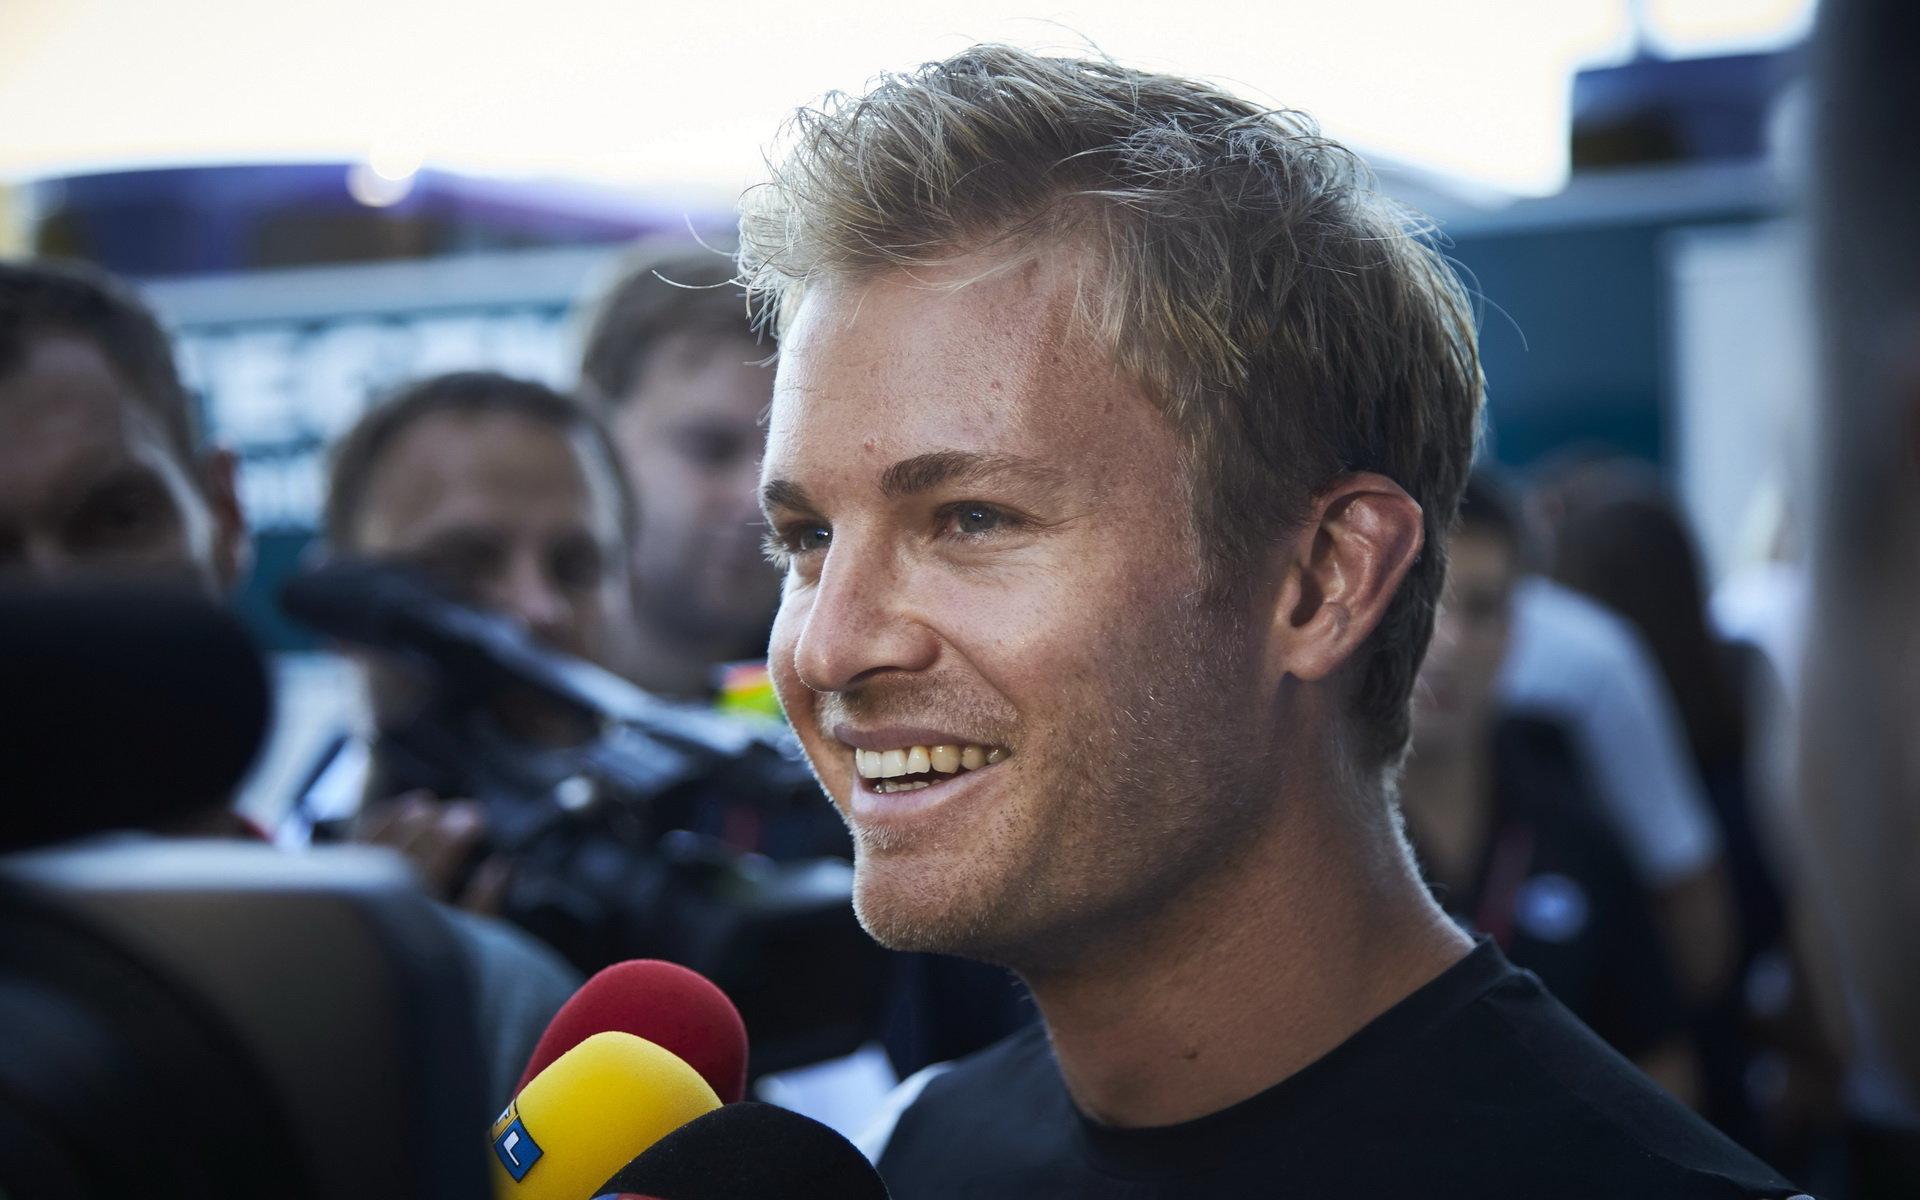 PROHLÁŠENÍ po kvalifikaci: Proč Verstappen odstartuje na superměkkých pneumatikách? - anotační obrázek